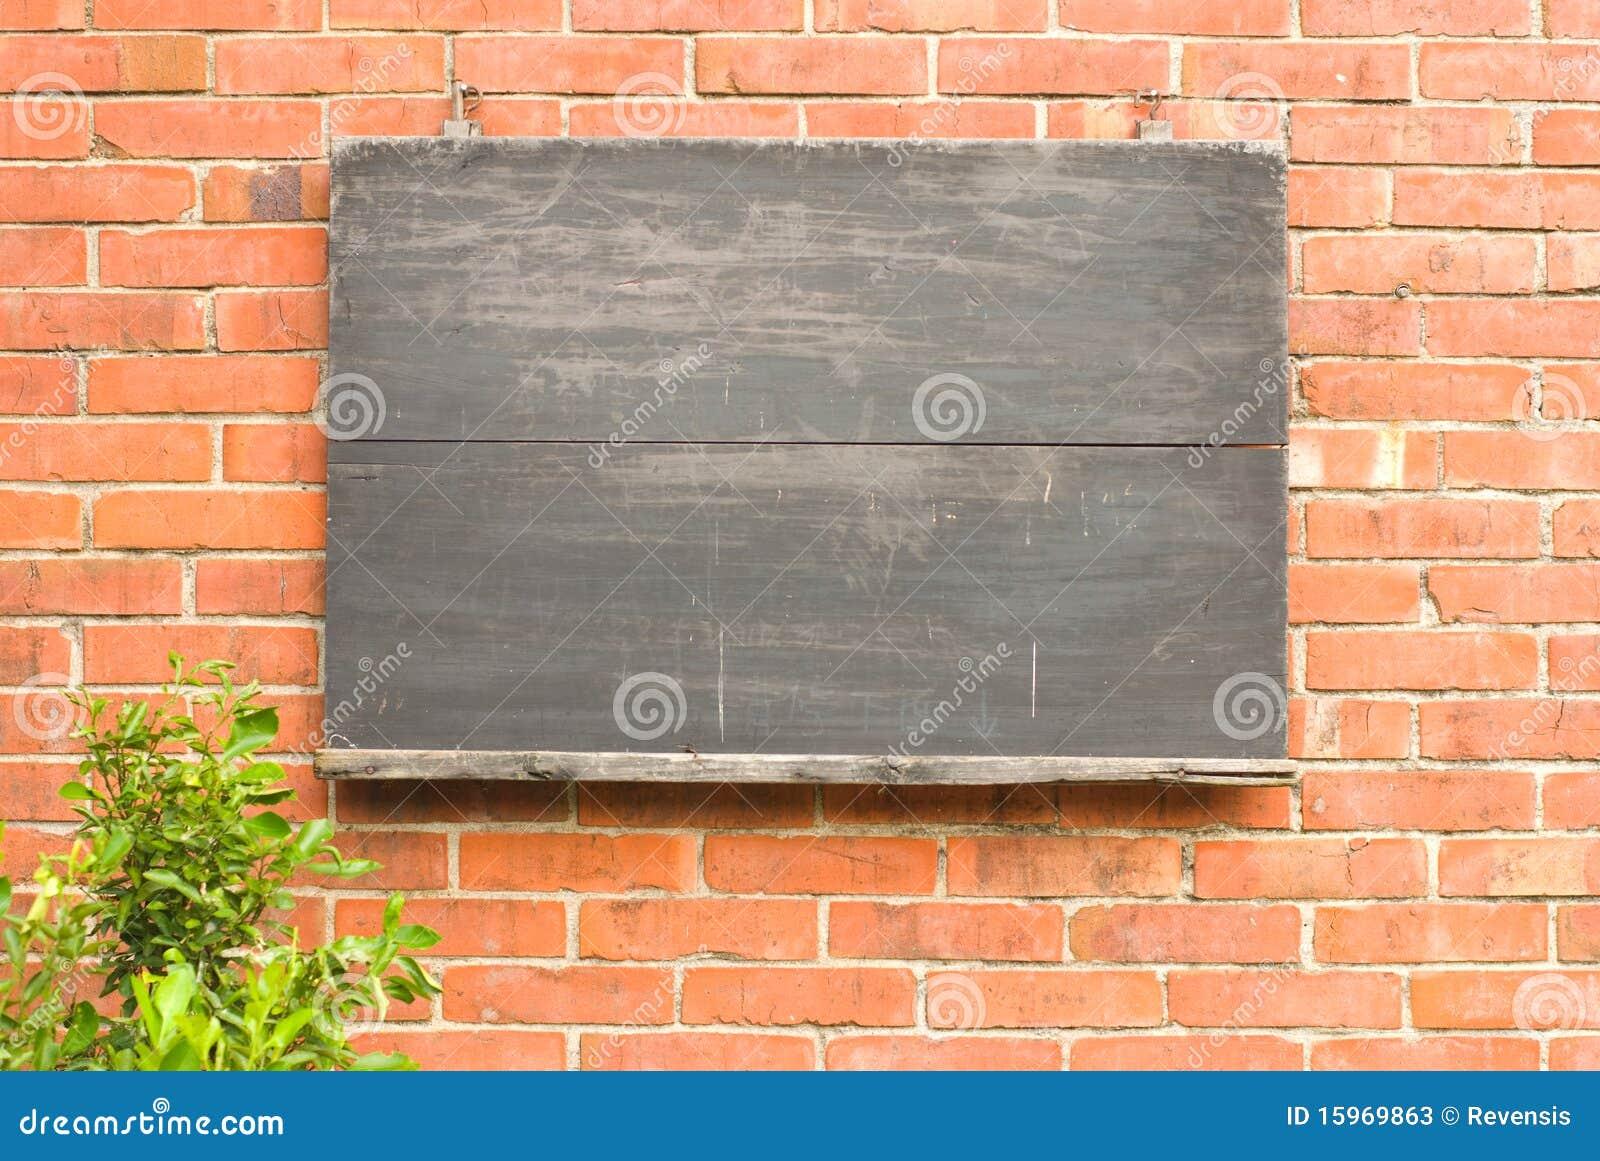 Tableau noir g sur le mur de briques rouge photos stock - Mur tableau noir ...